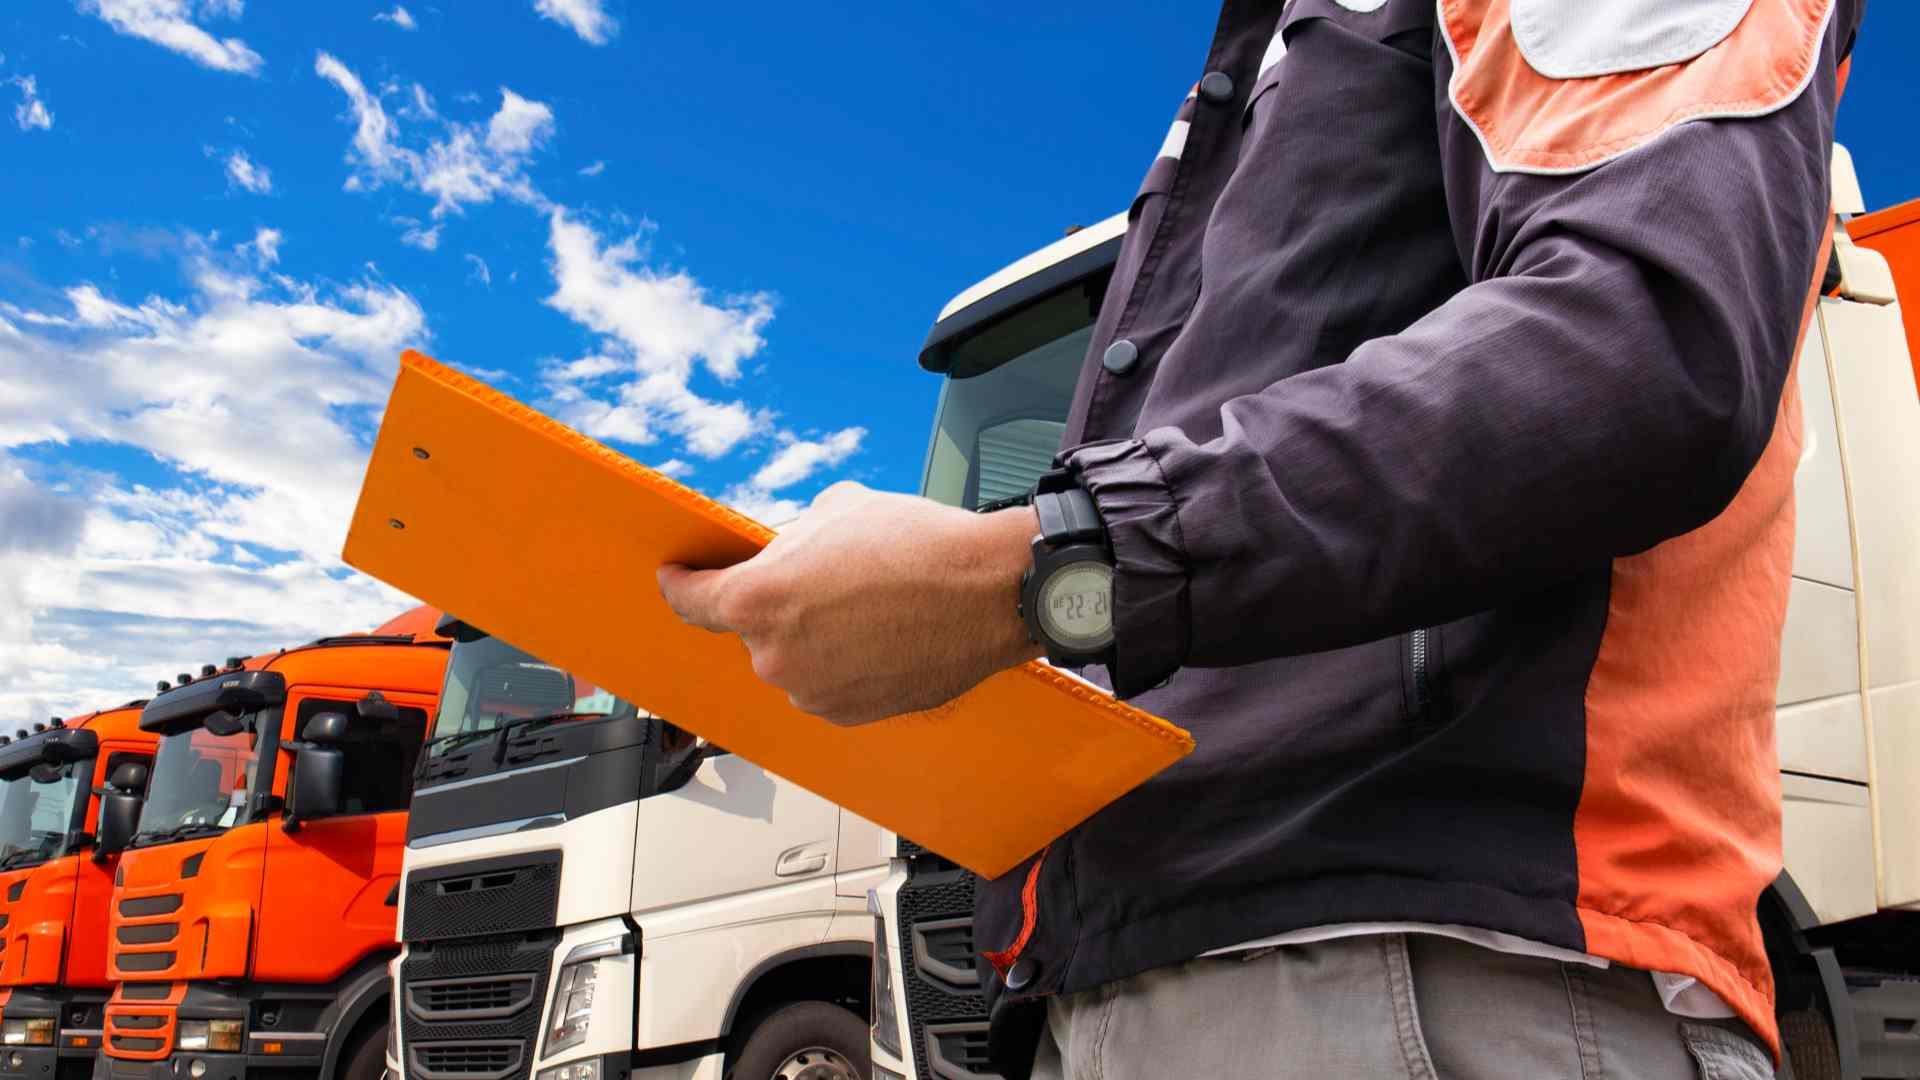 Ofereça aos clientes do posto a gestão de abastecimento da frota de veículos